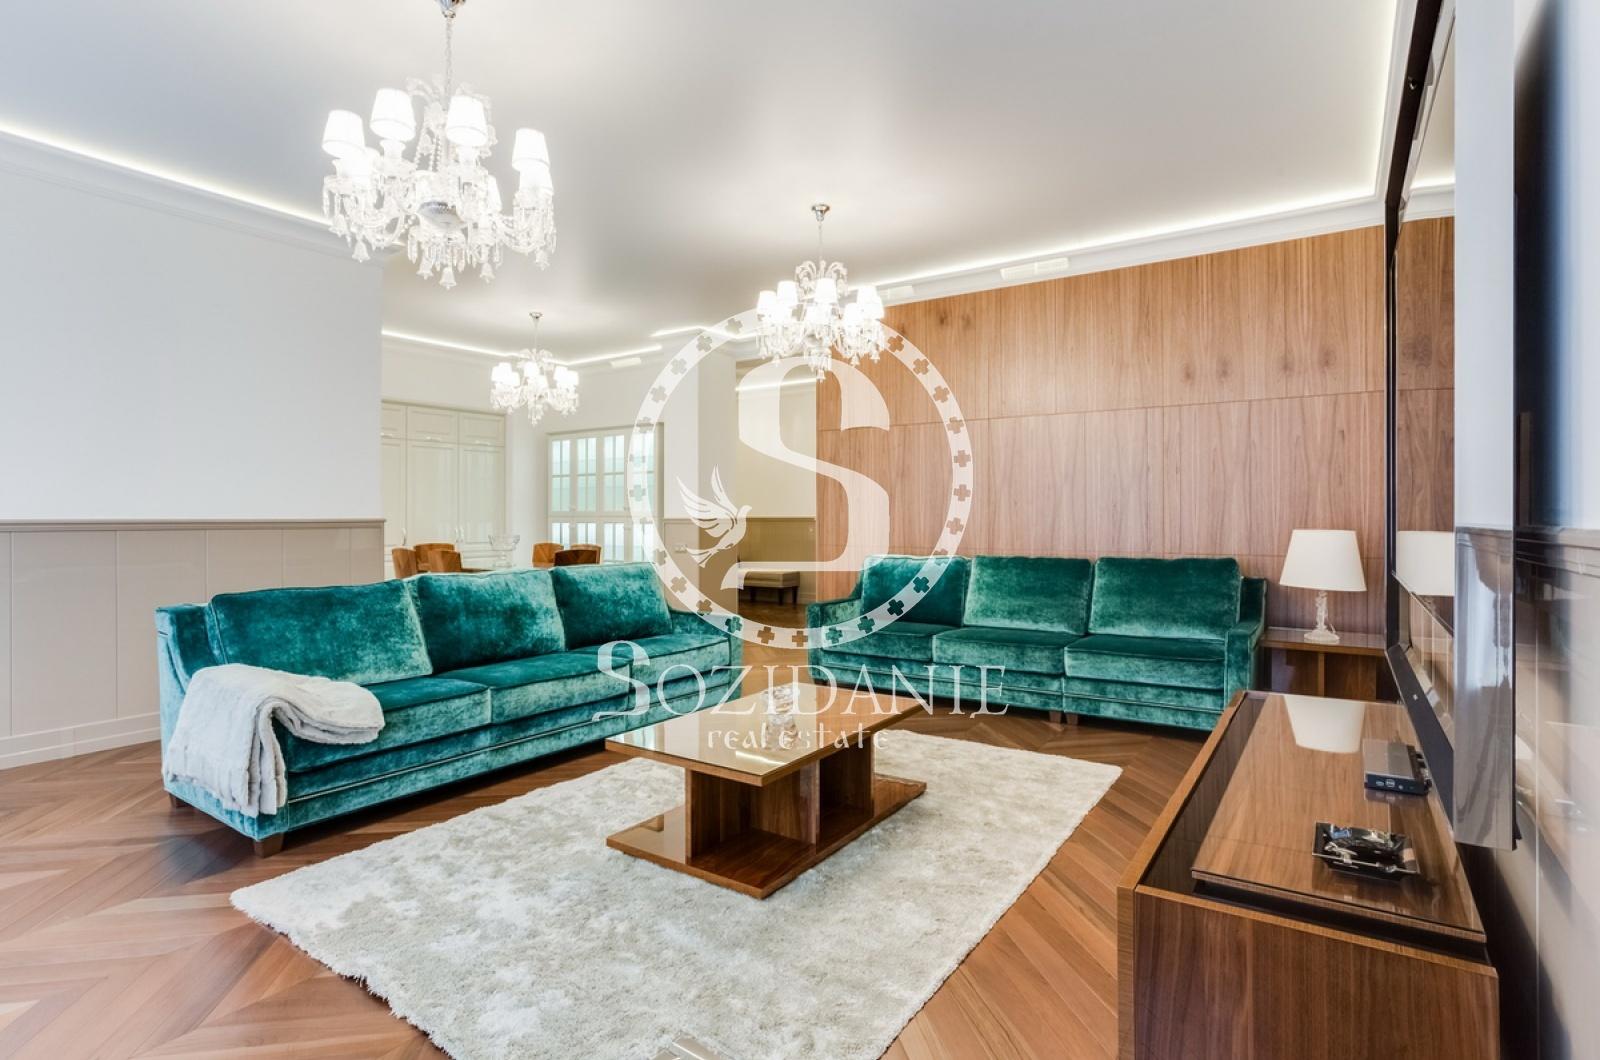 3 Комнаты, Городская, Продажа, 1-й Зачатьевский переулок, Listing ID 3480, Москва, Россия,